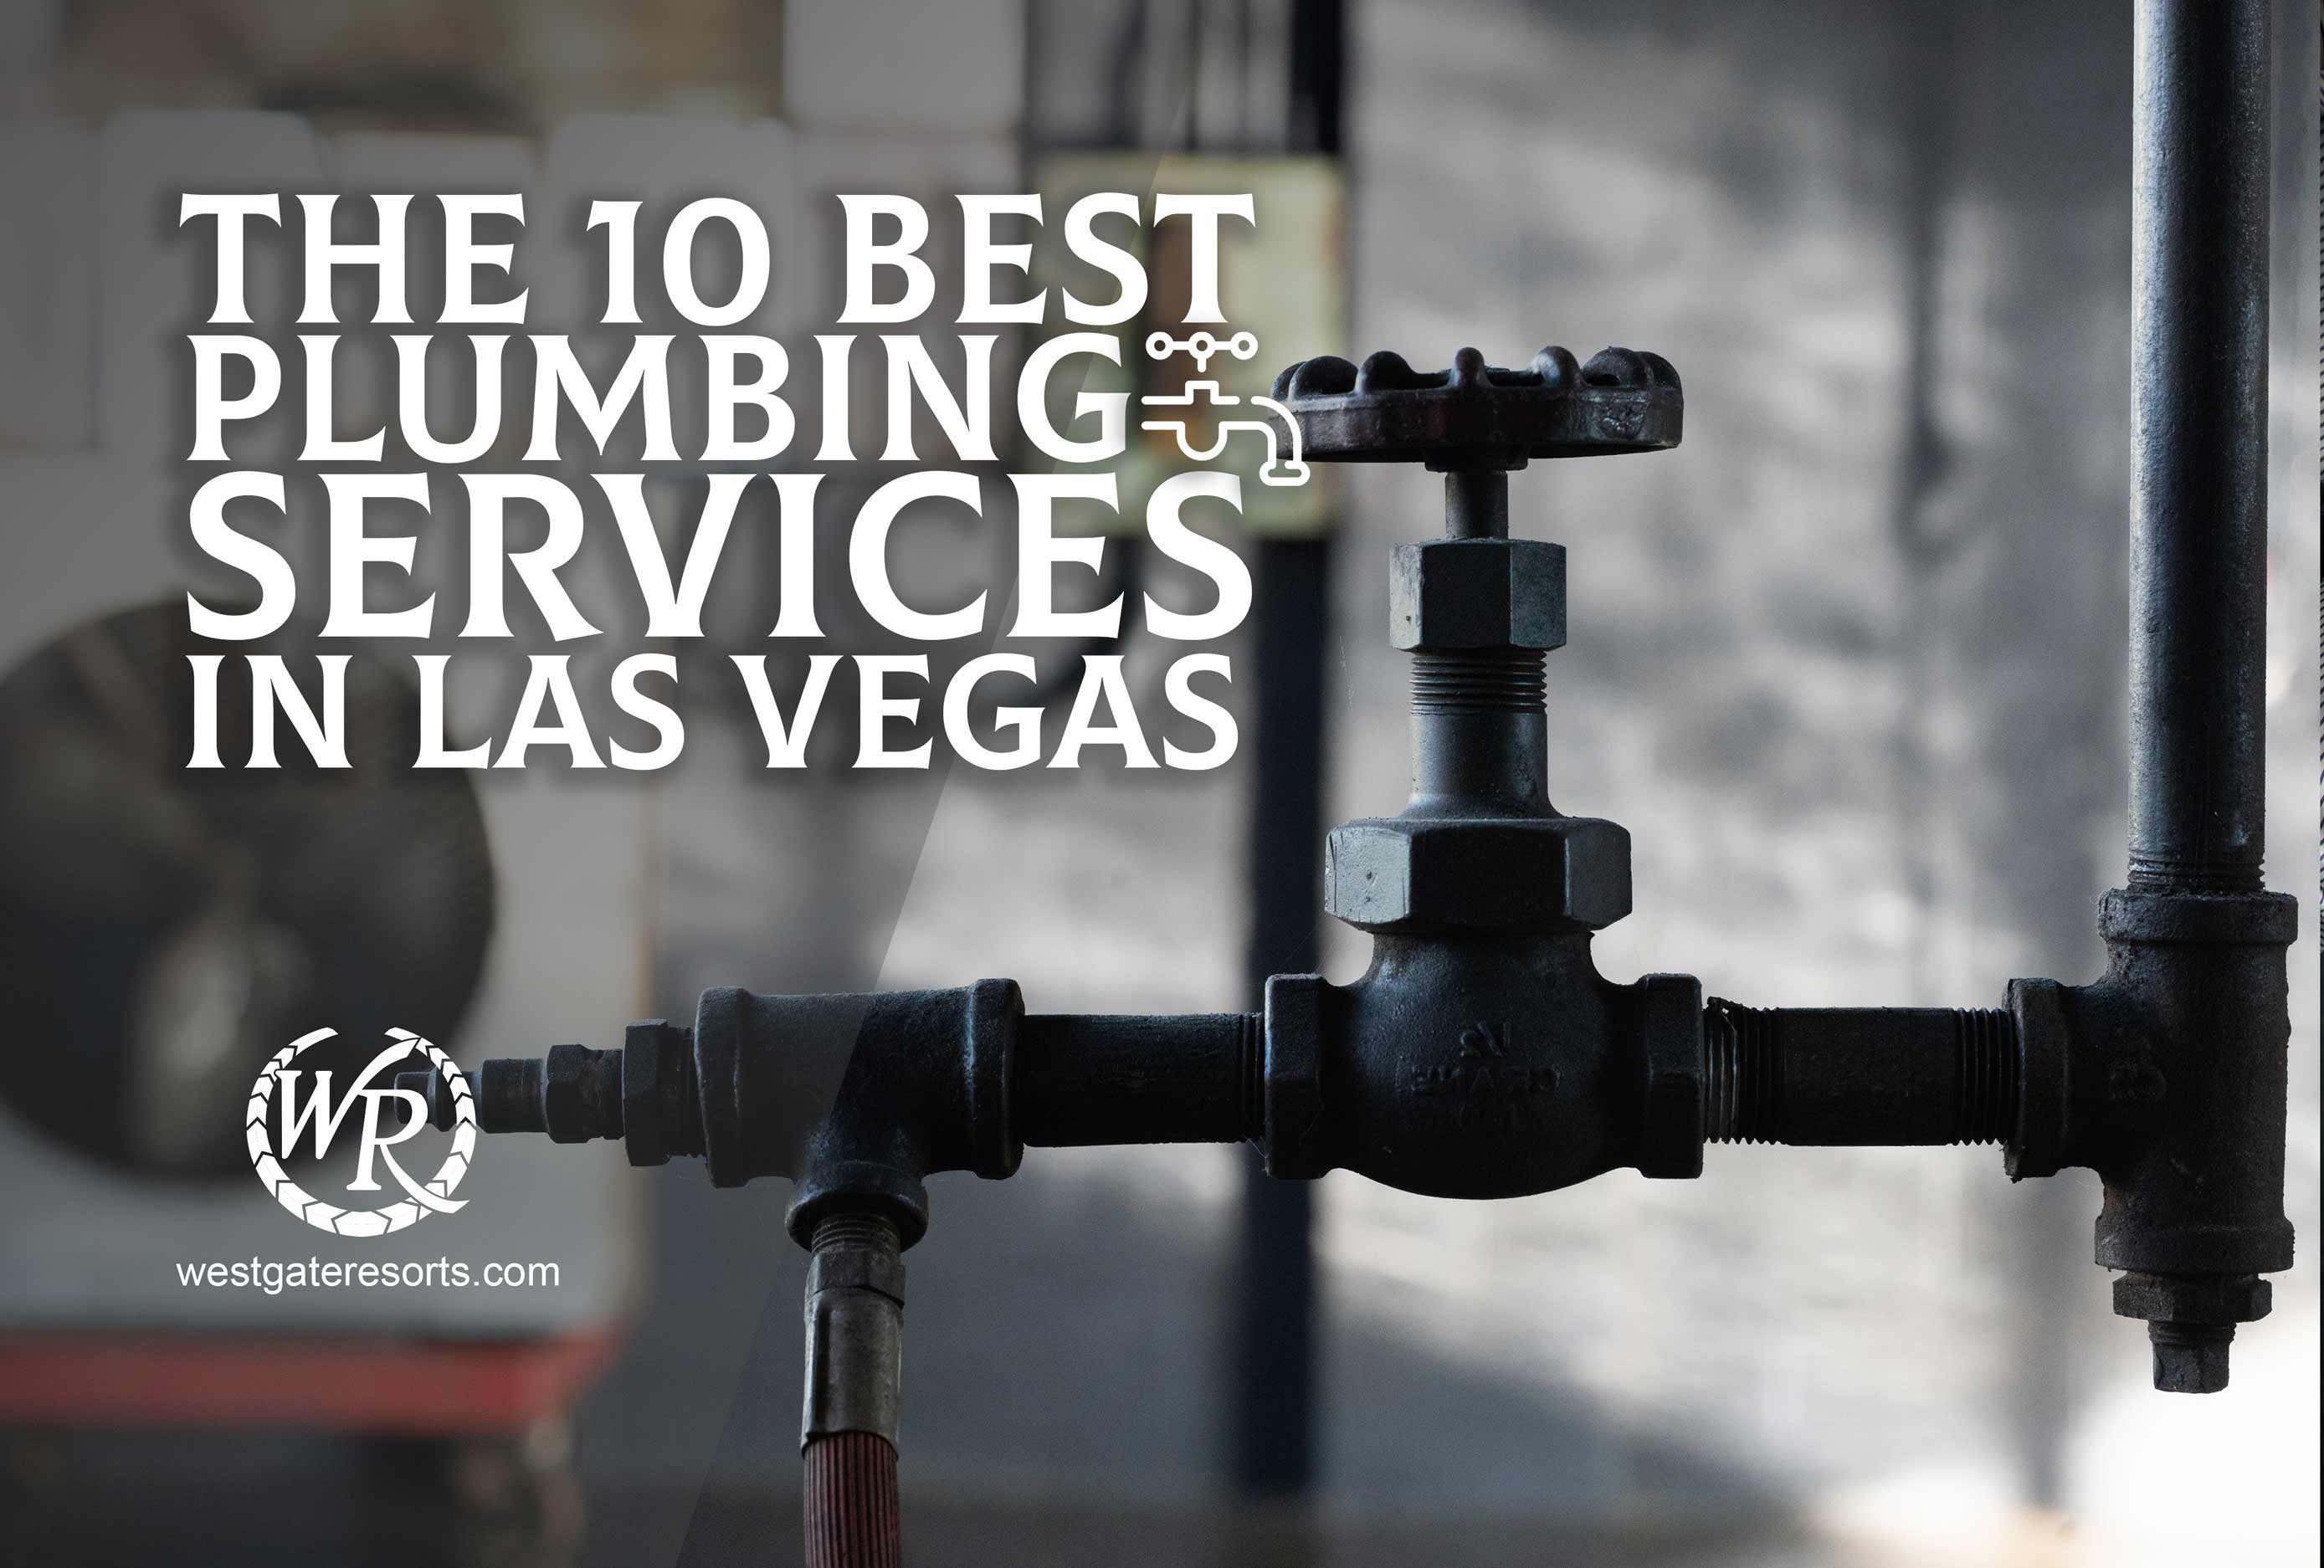 The Top 10 Plumbers in Las Vegas